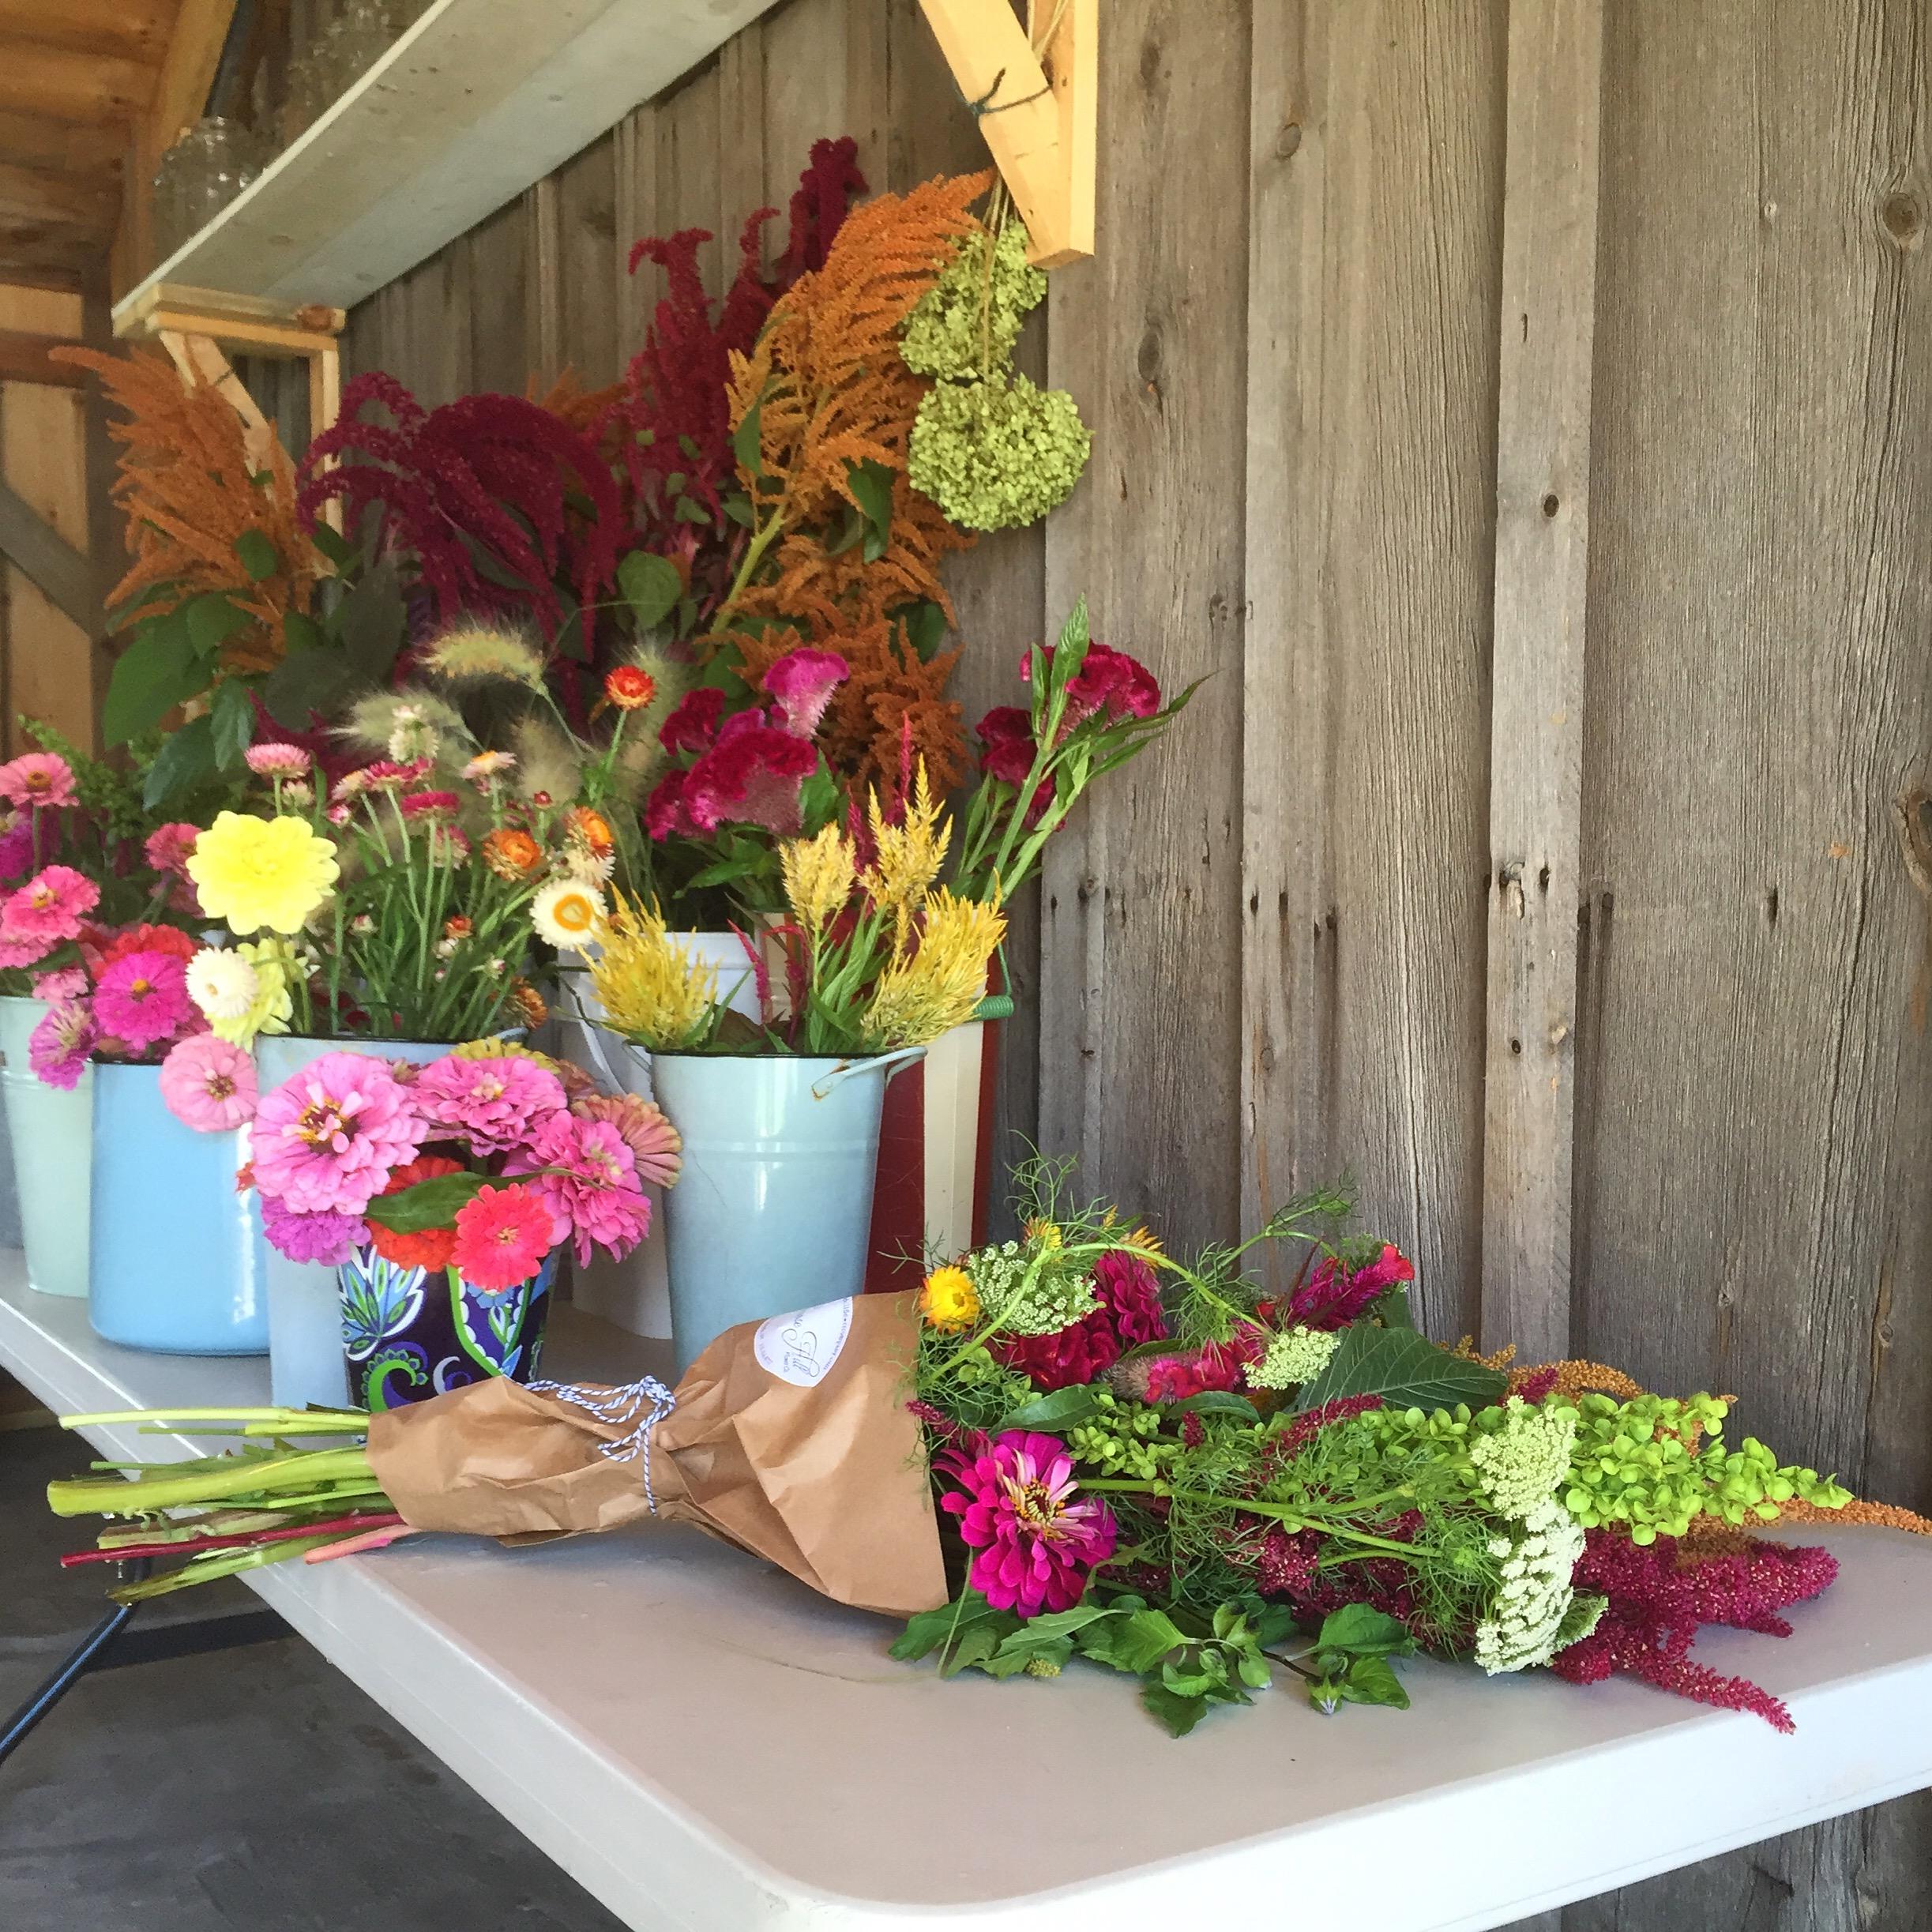 buckets & bouquet.JPG